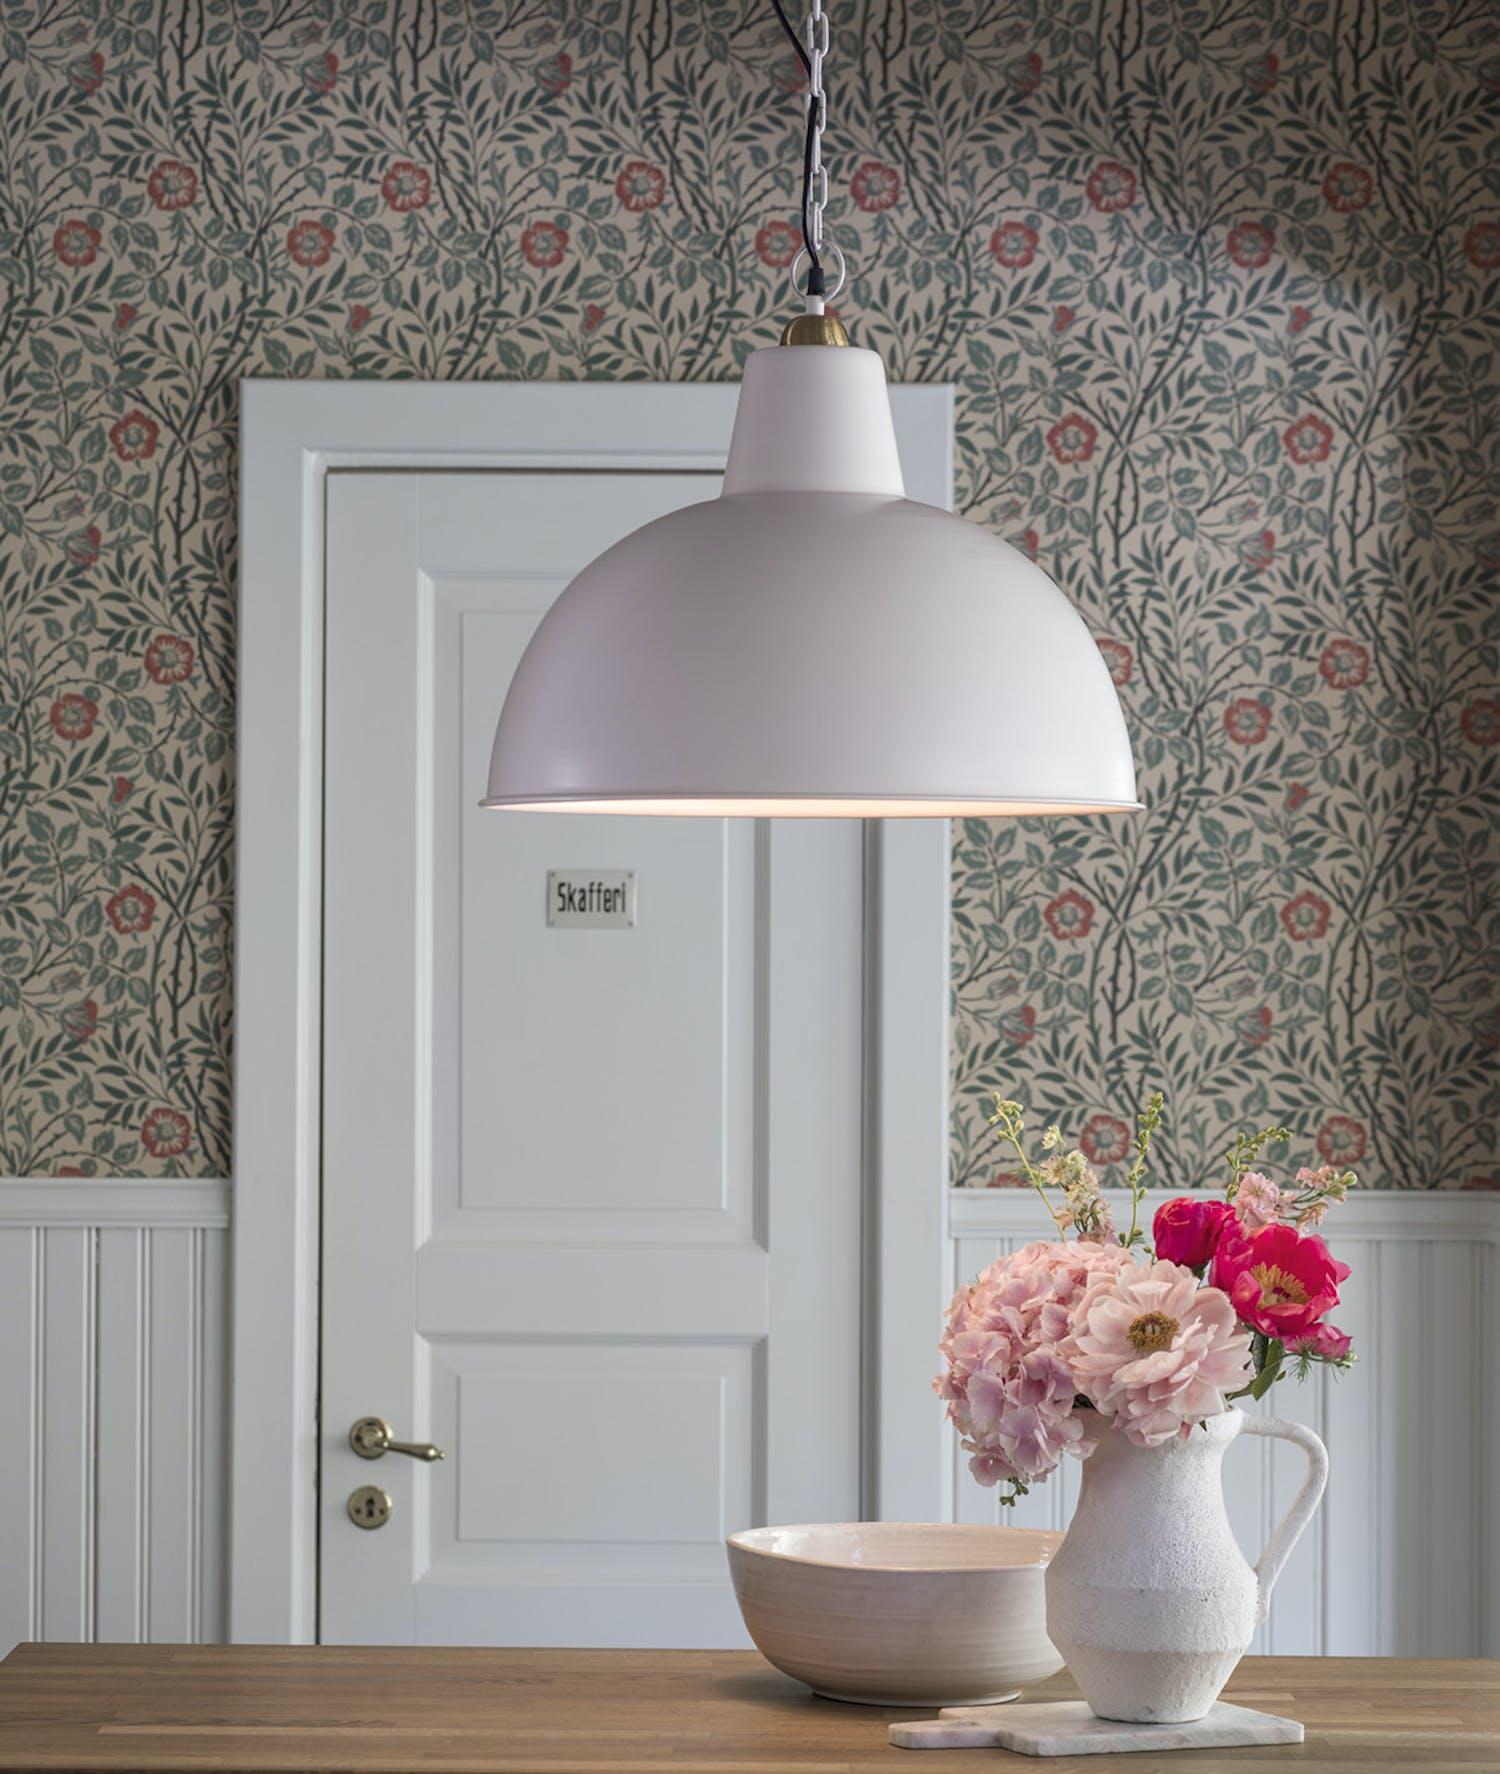 Rosa taklampa i hemmiljö